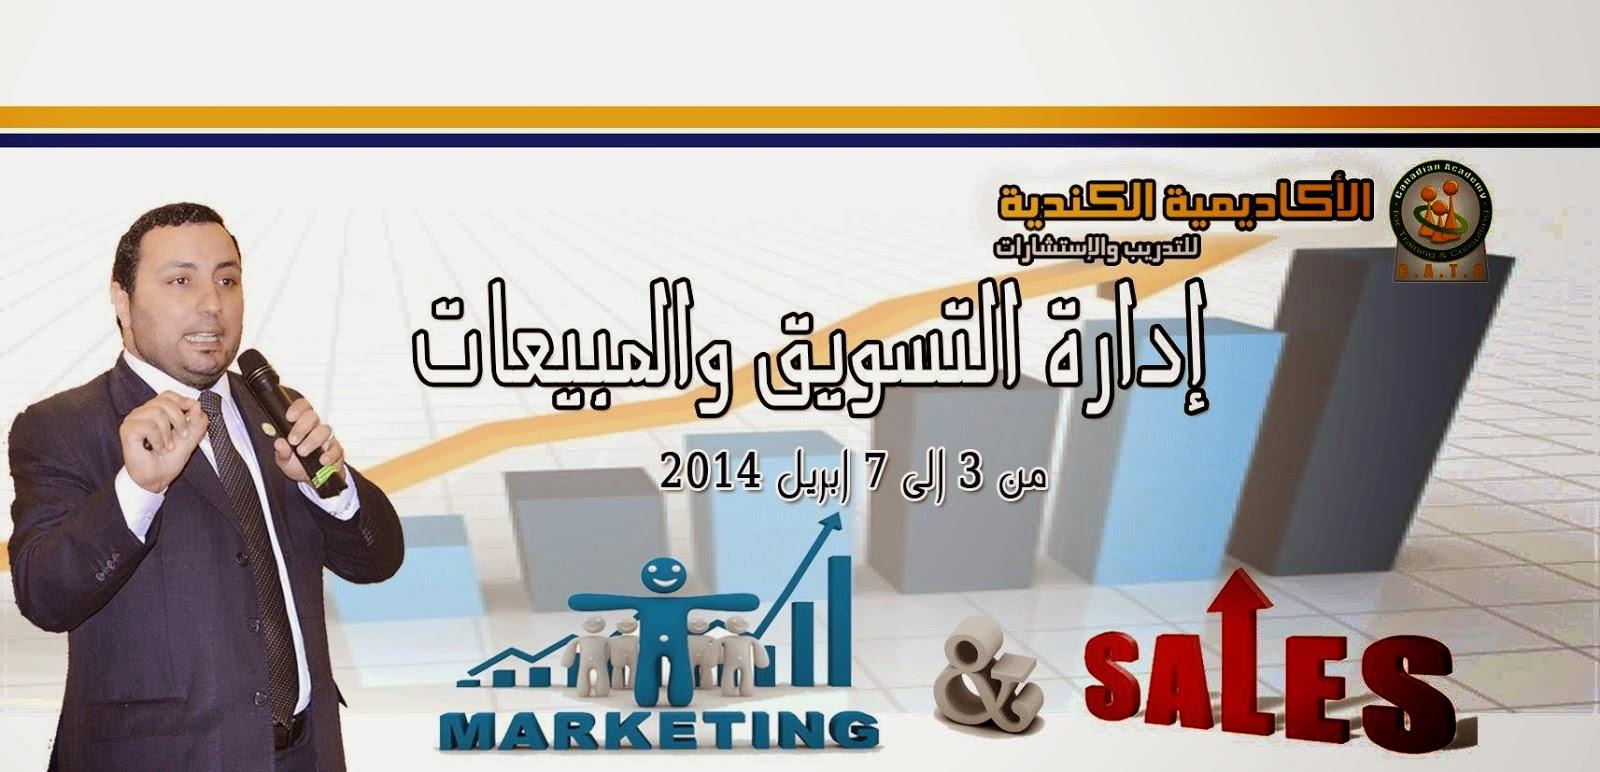 ادارة التسويق و المبيعات